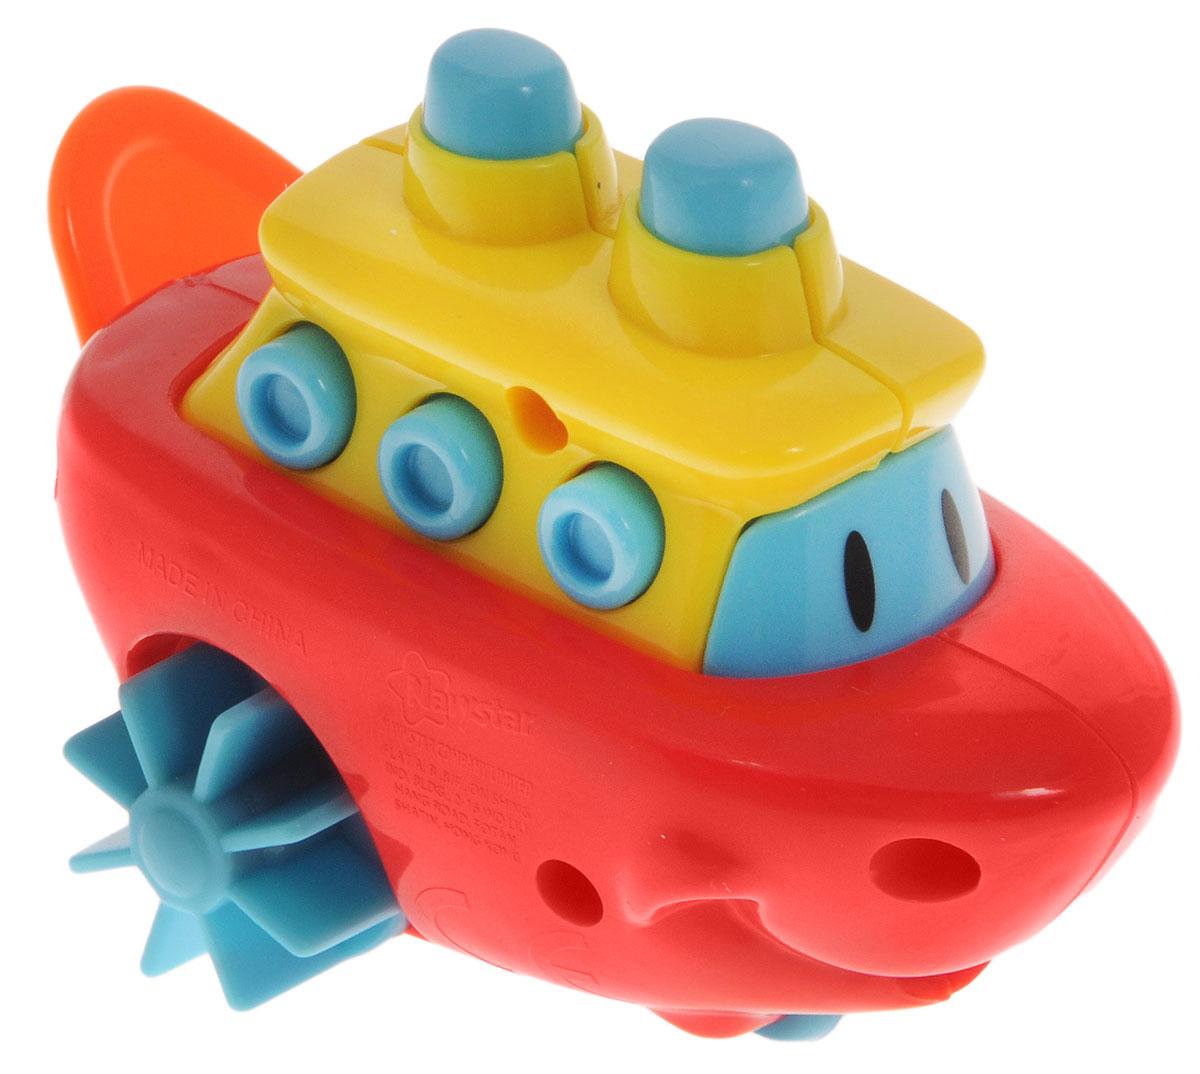 Navystar Игрушка для ванной Кораблик цвет красный желтый голубой66899-1-BИгрушка для ванной Navystar Кораблик обрадует вашего малыша во время купания и сделает этот порой нелегкий процесс приятным и веселым. Игрушка выполнена в виде яркого кораблика с лопастями-колесиками и передним колесом. Если потянуть за веревочку, лопасти кораблика начнут вращаться, и он поплывет, а если играть с ним на ровной поверхности, то поедет. Игрушка для ванной Navystar Кораблик не только развеселит вашего малыша, но и поможет развить мелкую моторику.